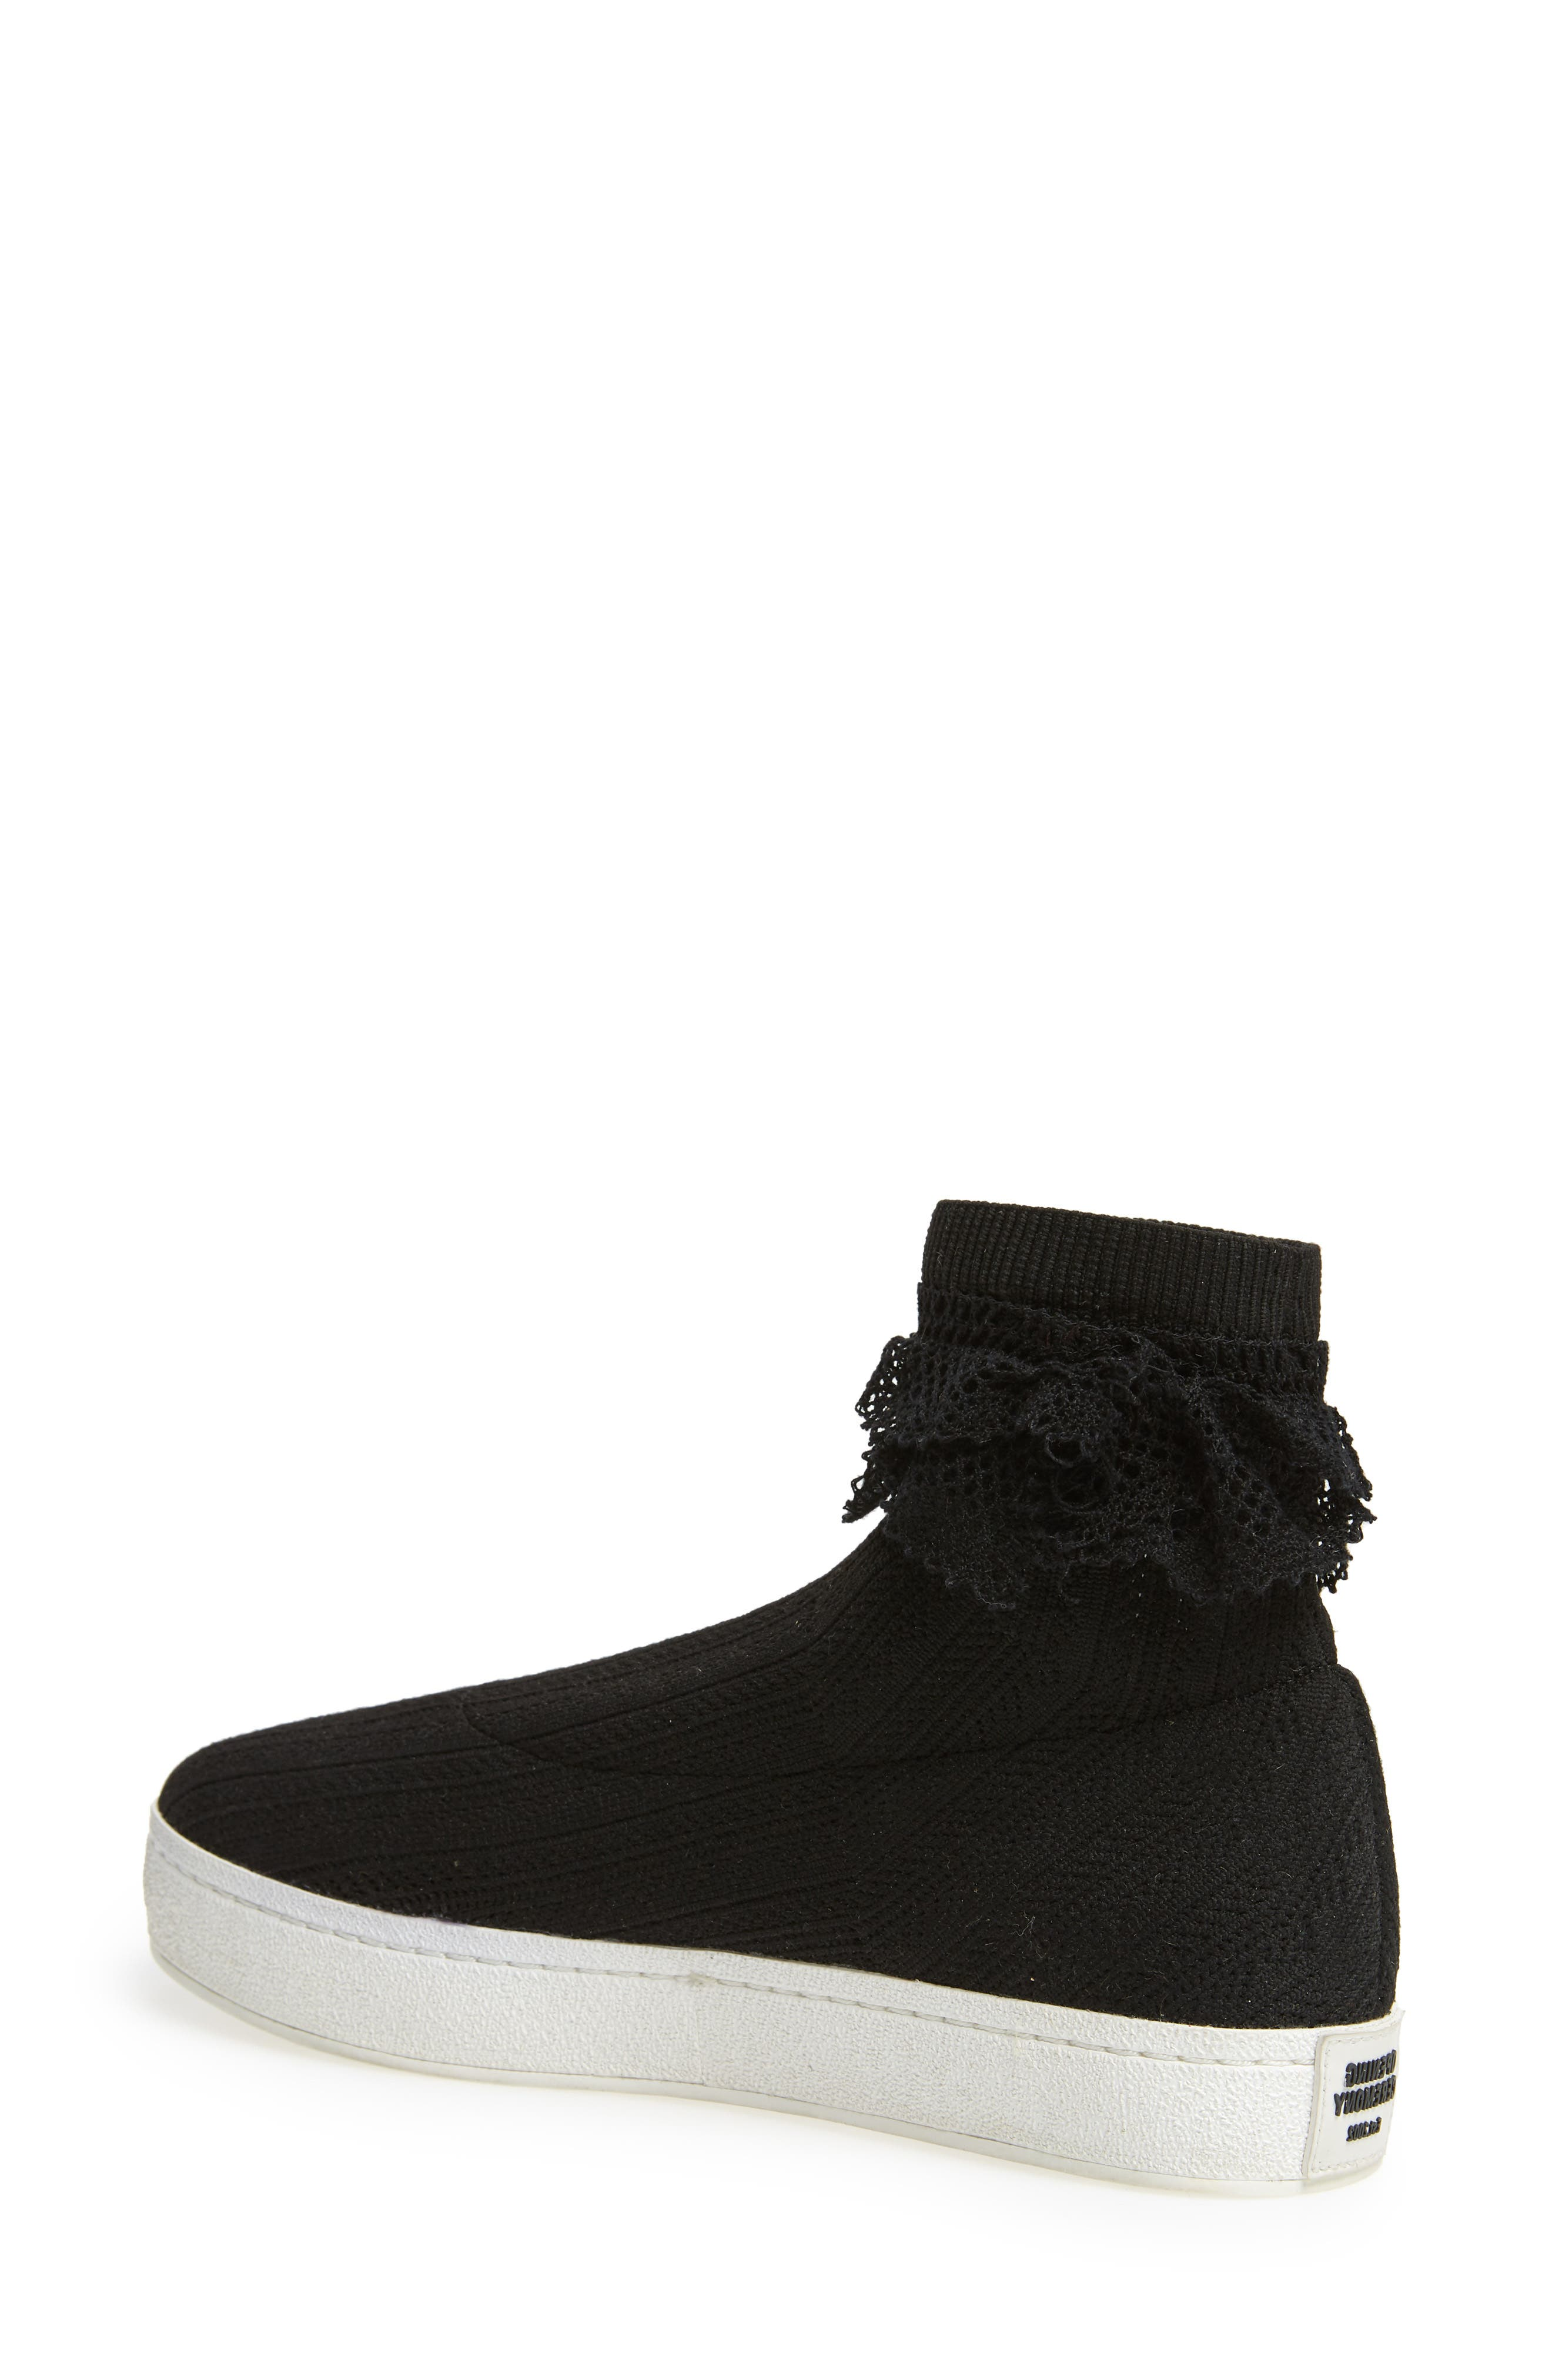 Bobby Sock Knit Sneaker,                             Alternate thumbnail 2, color,                             BLACK